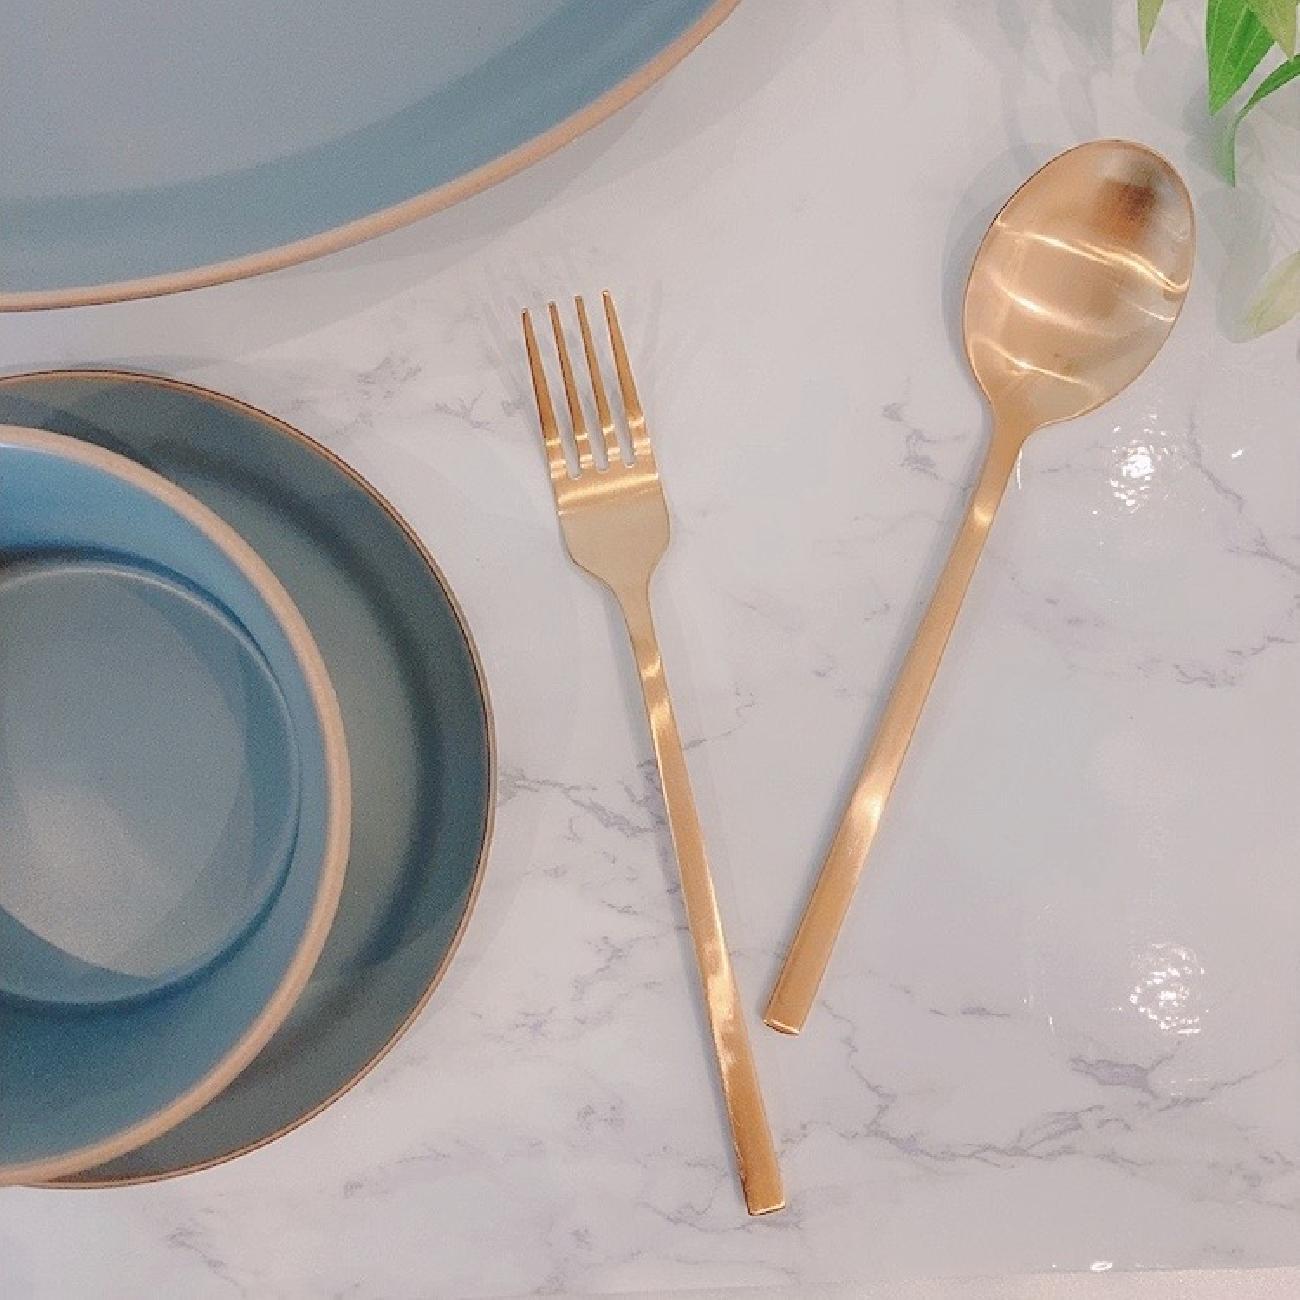 カトラリー/フォーク/スプーン/お洒落/おしゃれ/オシャレ/大人可愛い/ゴールド/食卓/テーブル/テーブルコーディネート